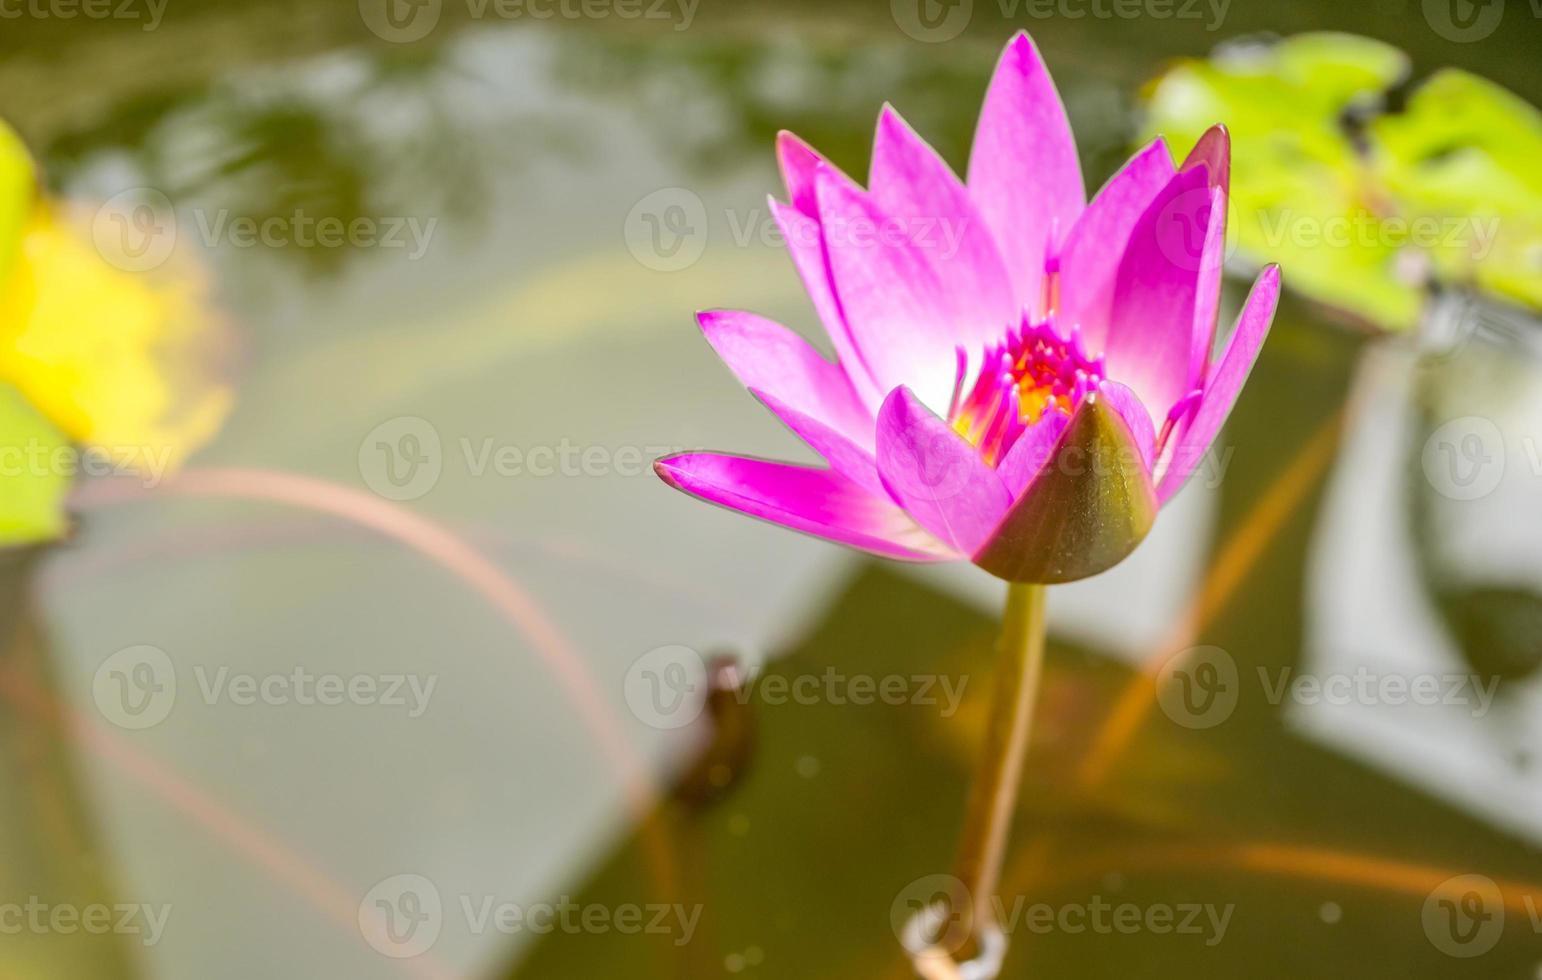 schöne rosa Lotusblume oder Seerose am Garten foto